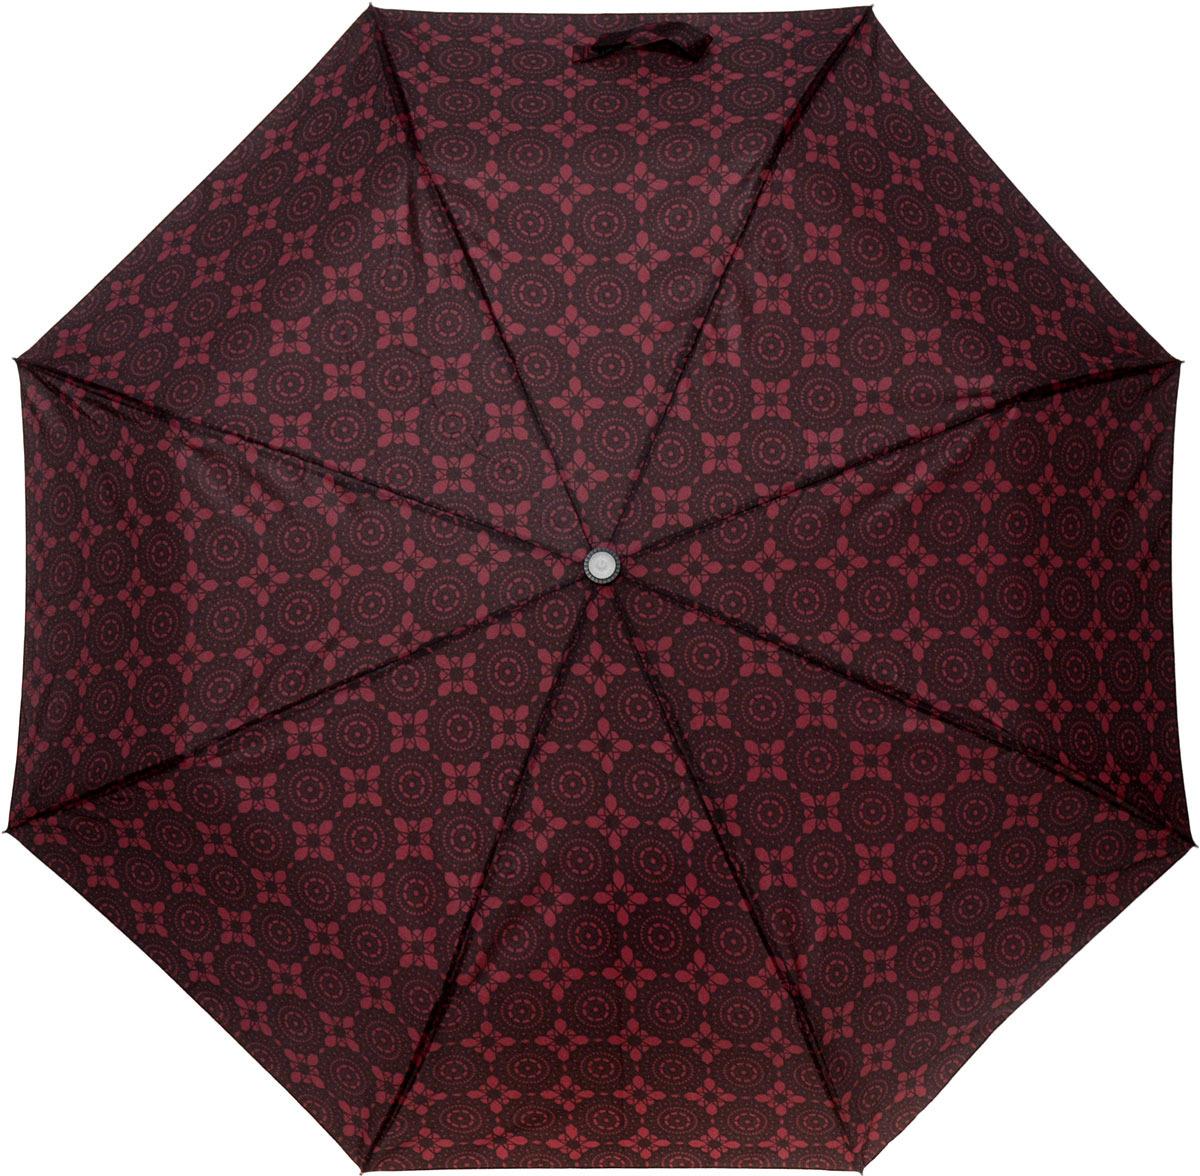 Зонт женский Mitya Veselkov, автомат, 2 сложения, цвет: черный, коричневый. Z0502-01 цена и фото